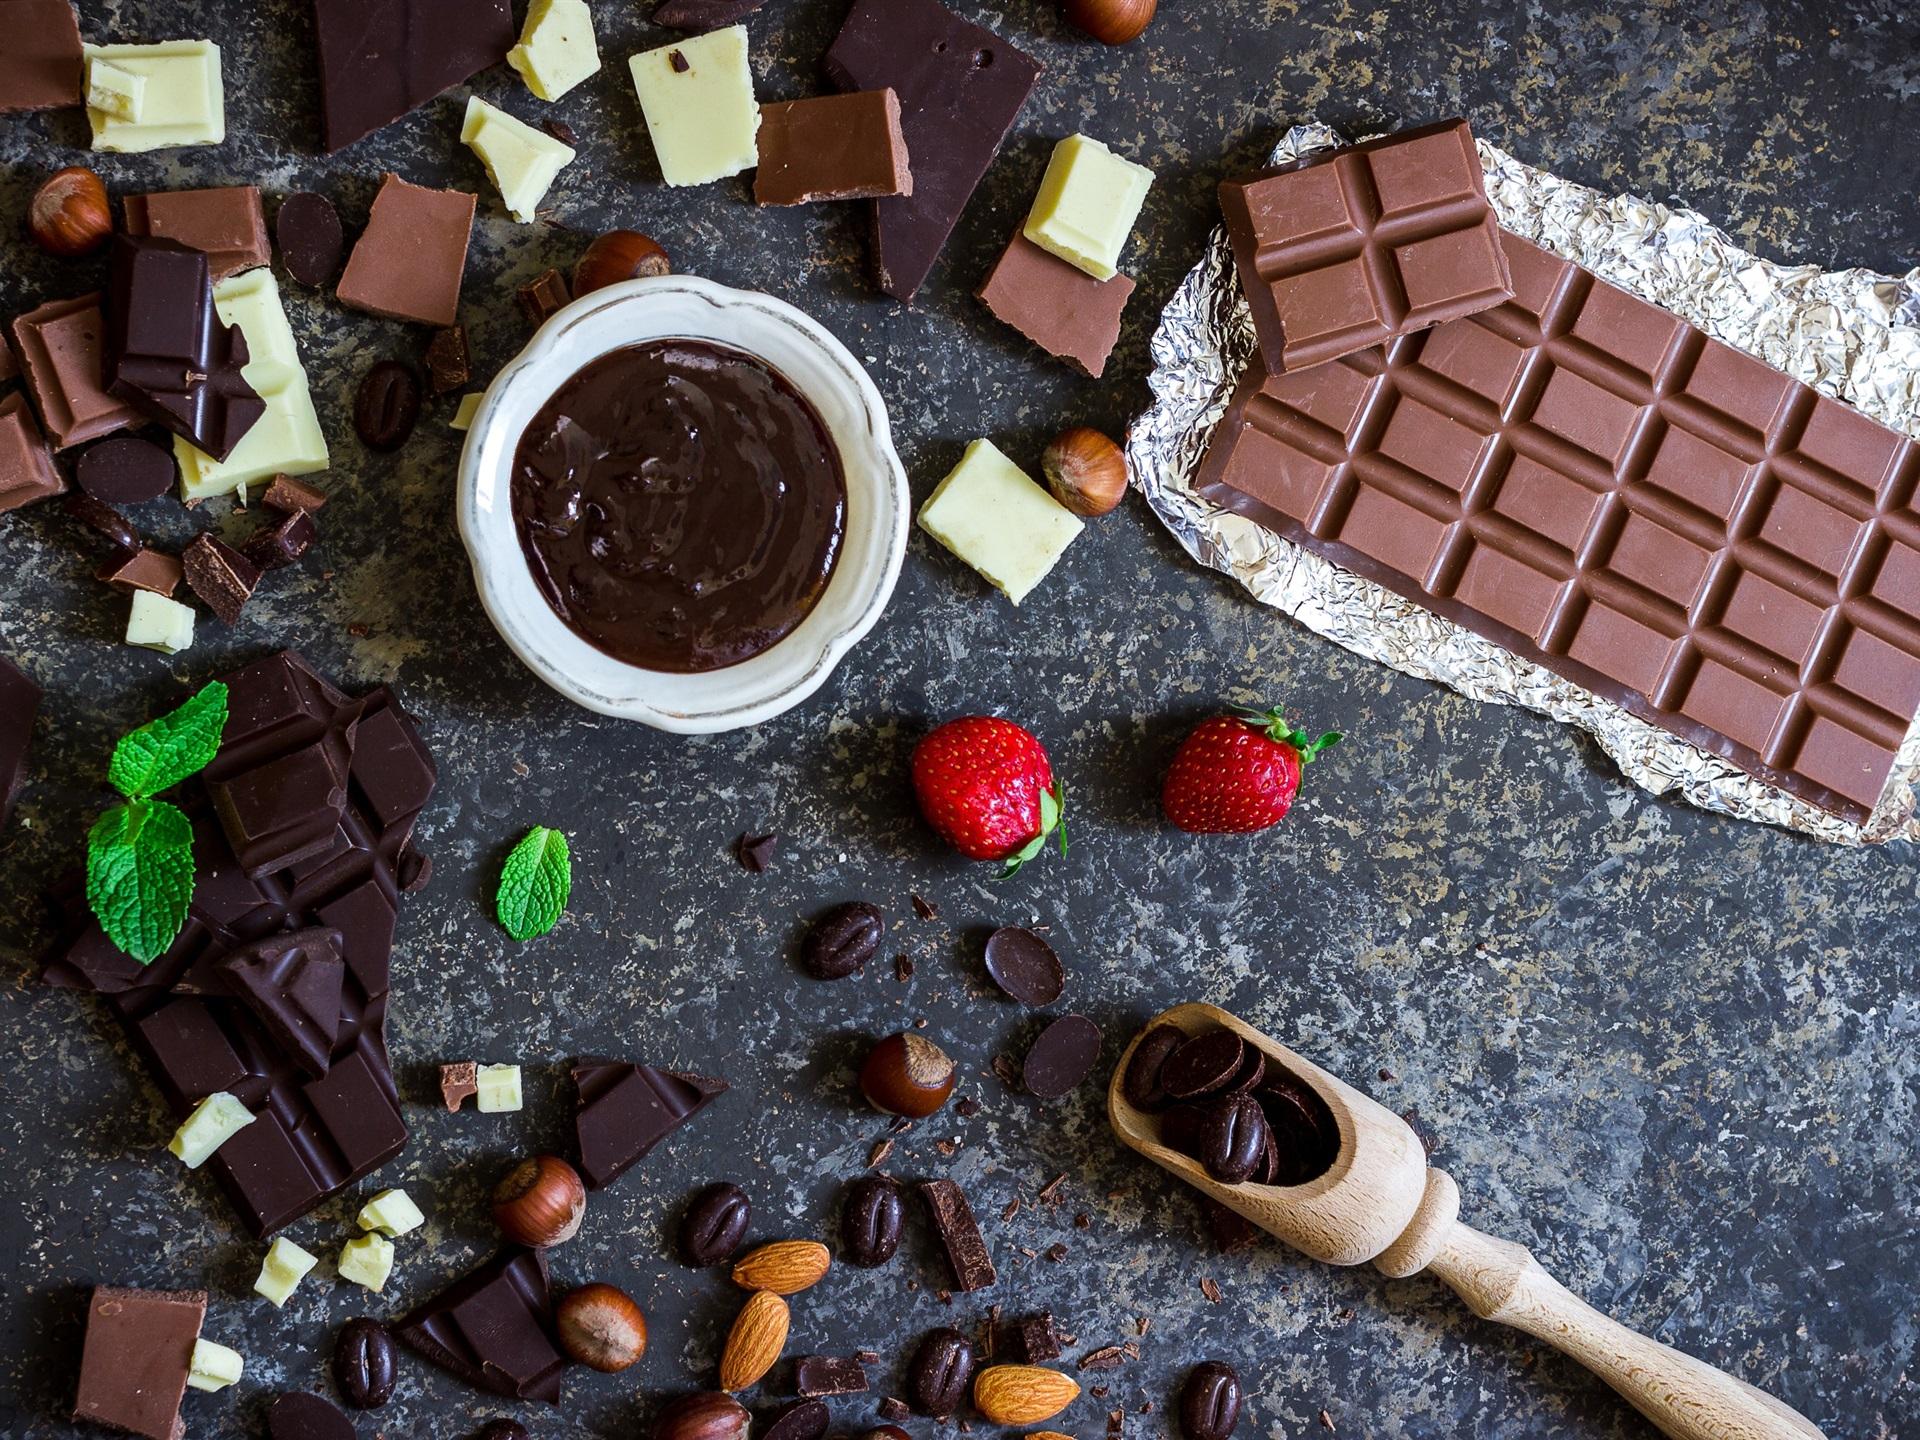 Fondos De Pantalla De Chocolates: Chocolate, Dulces, Almendras, Fresa Fondos De Pantalla